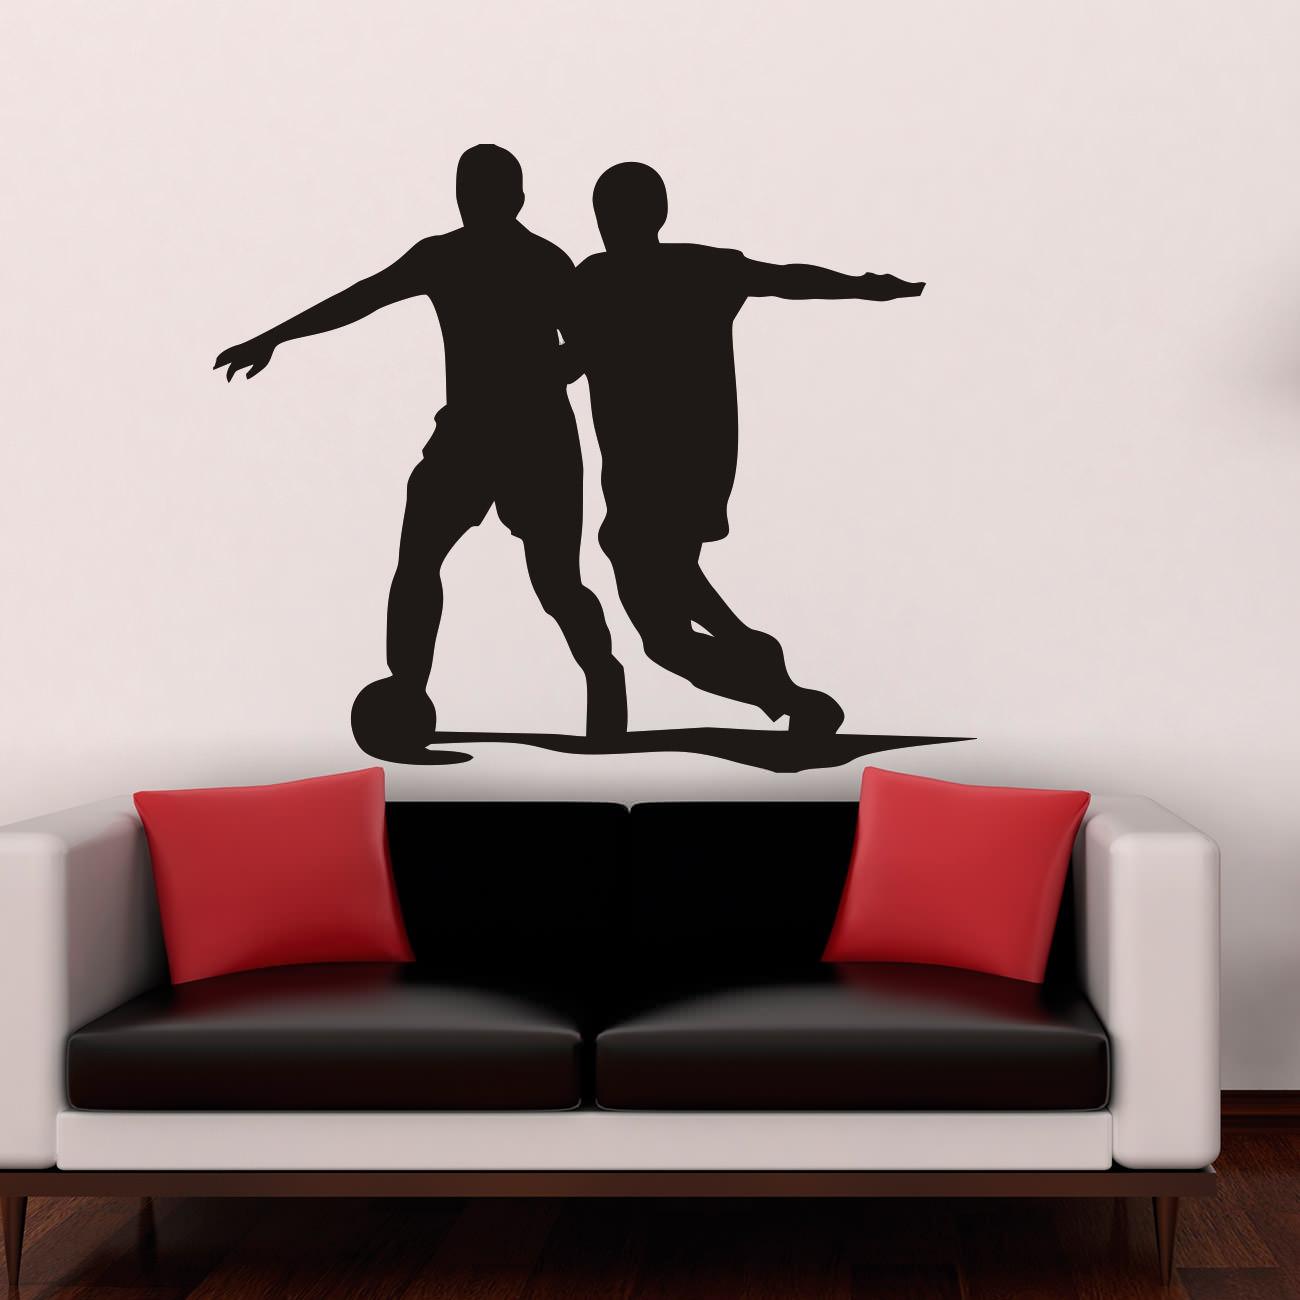 Außergewöhnlich Wandtattoo Fußball Dekoration Von Wandaufkleber_fußballspieler_sport_hobby_verein_wandsticker